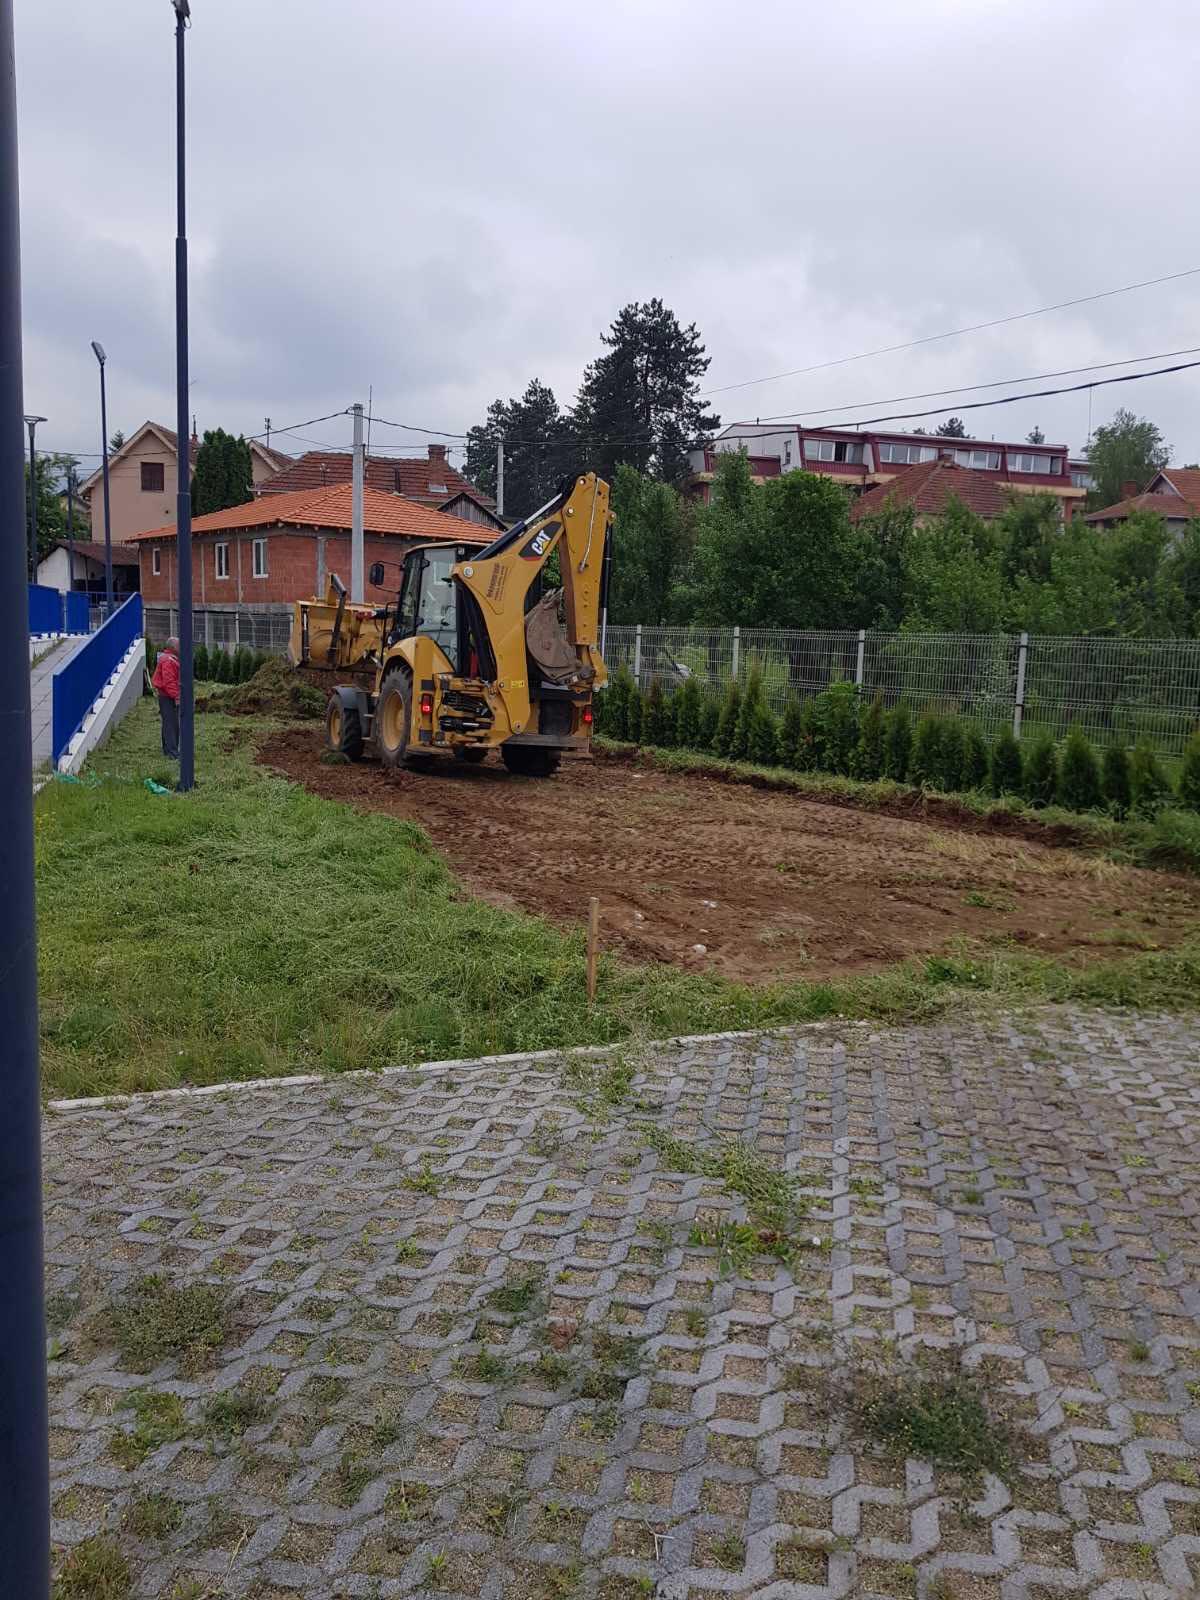 Izgradnja, foto: M.M.